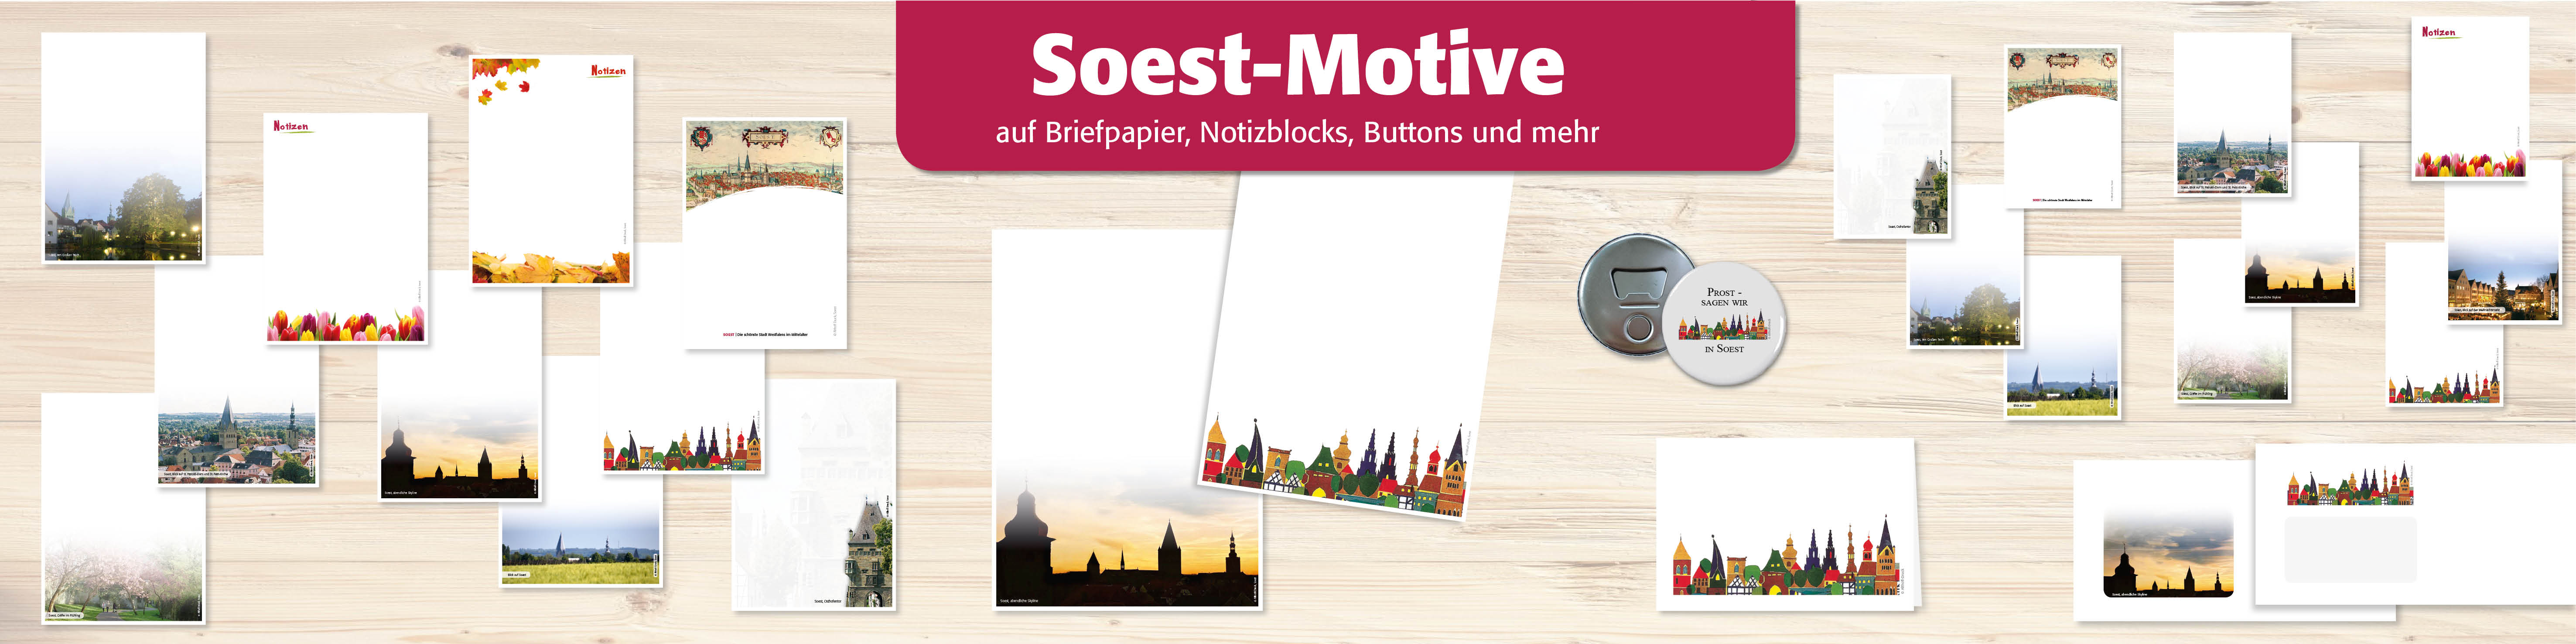 Website_Slider_Soest-Motive